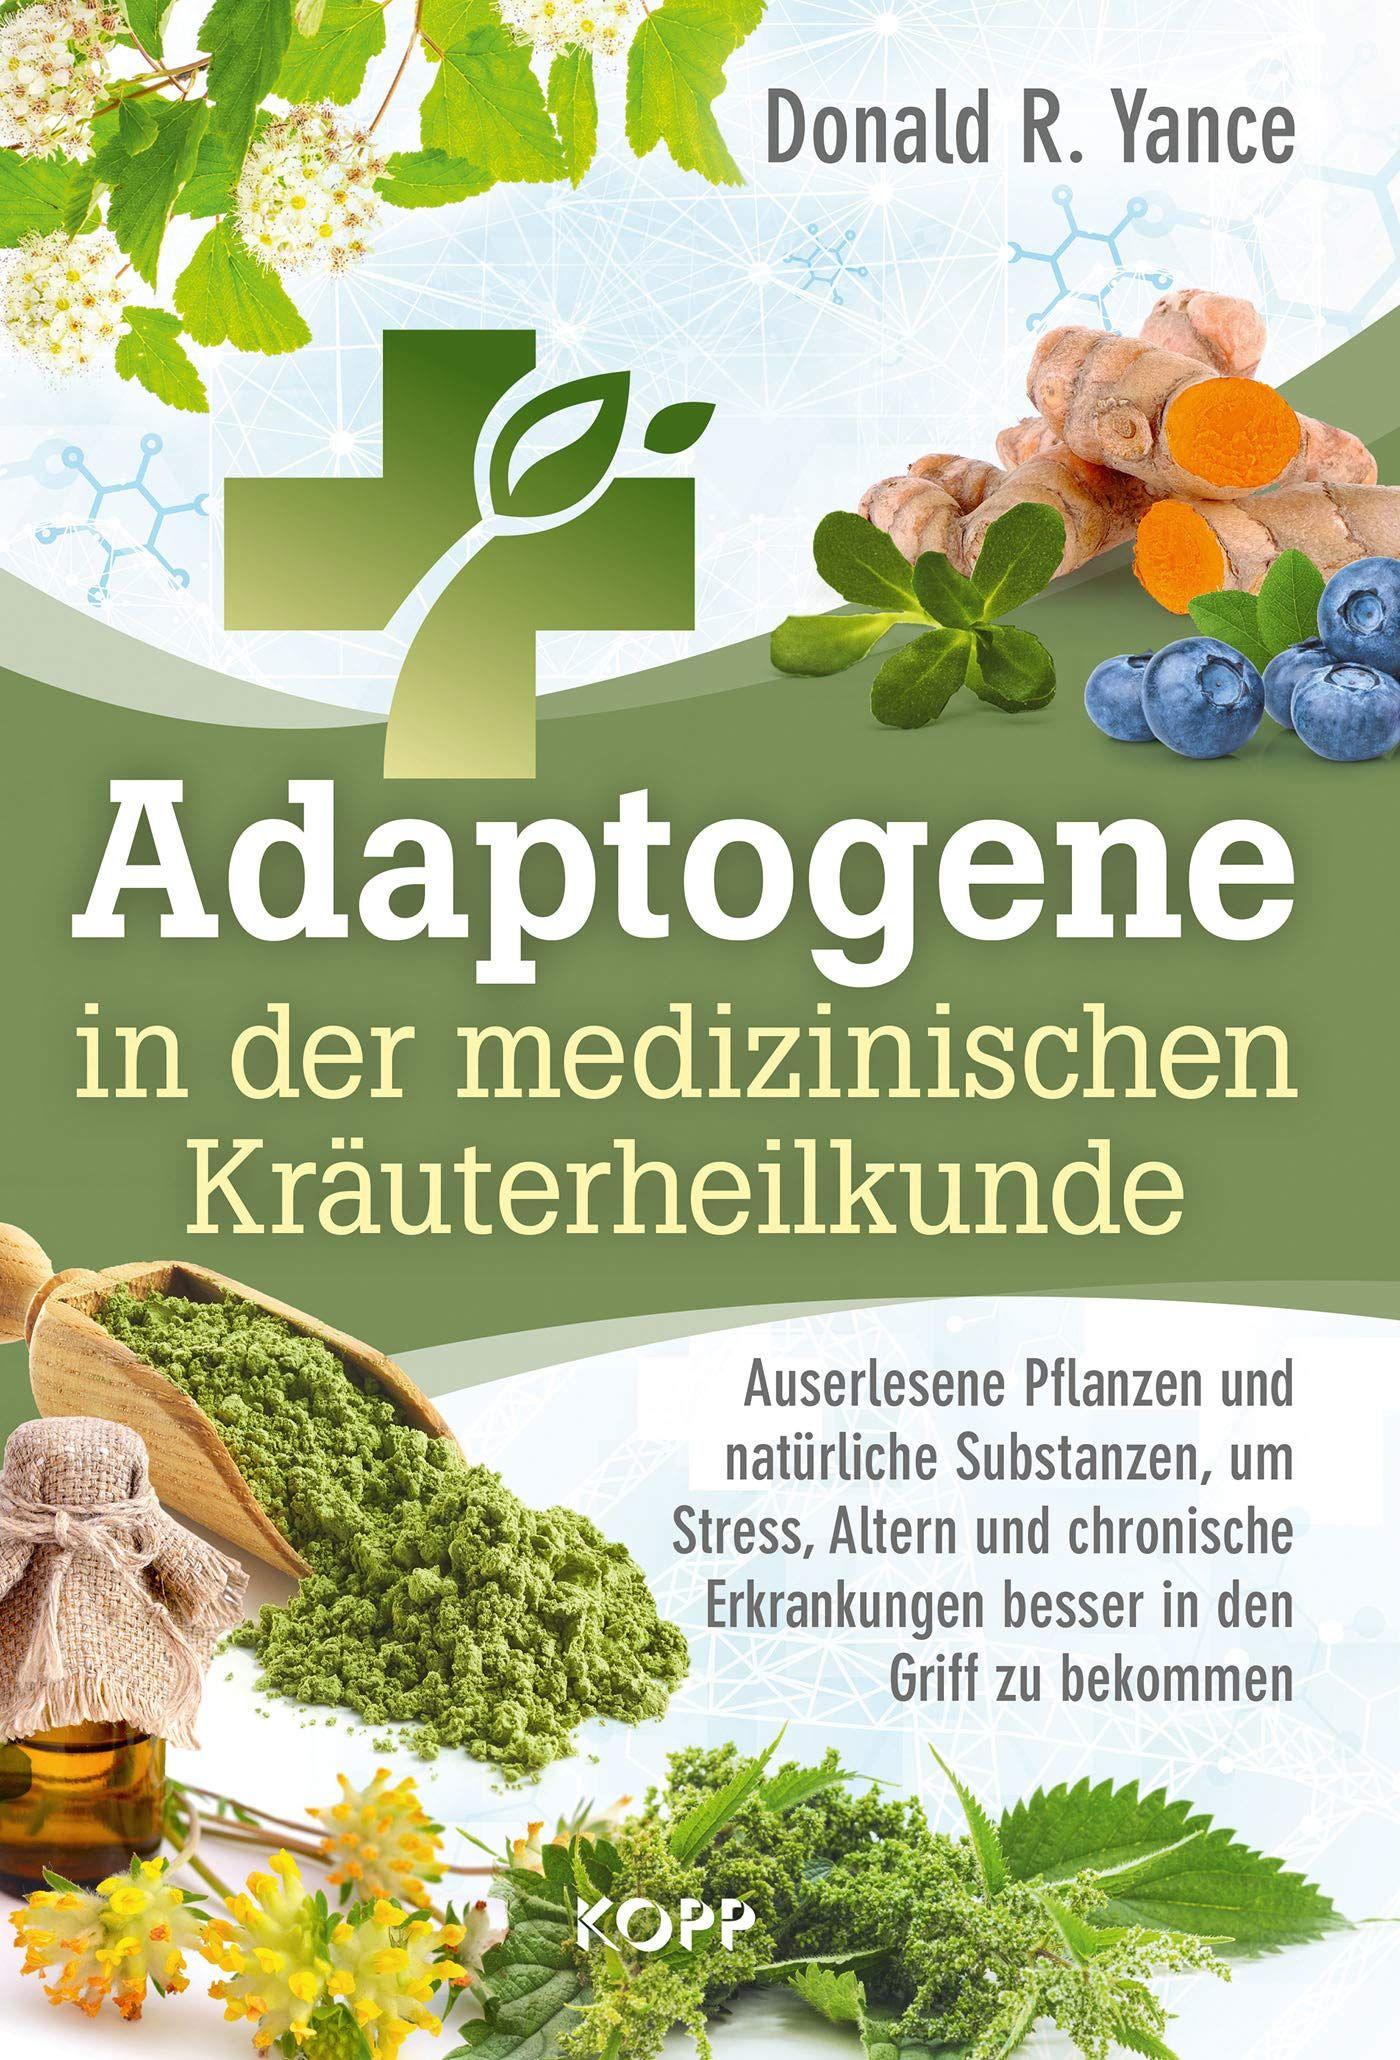 natürliche Substanzen, um Stress, Altern und chronische Erkrankungen besser in den Griff zu bekomme...